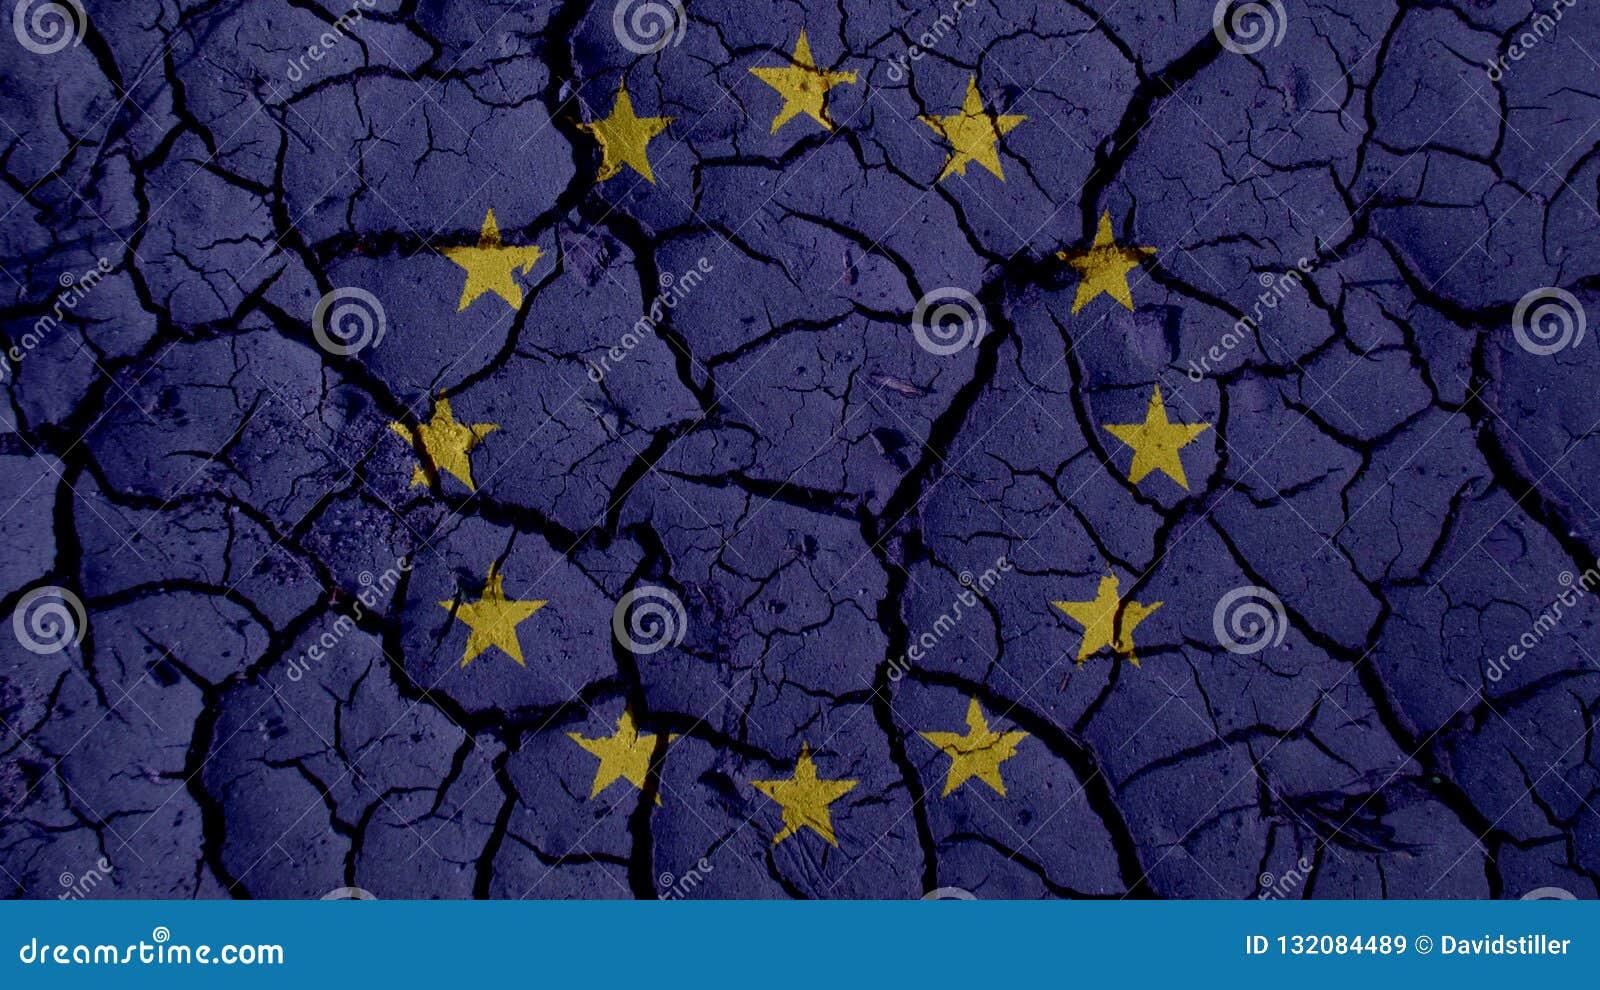 Political Crisis Concept: Mud Cracks With EU Flag